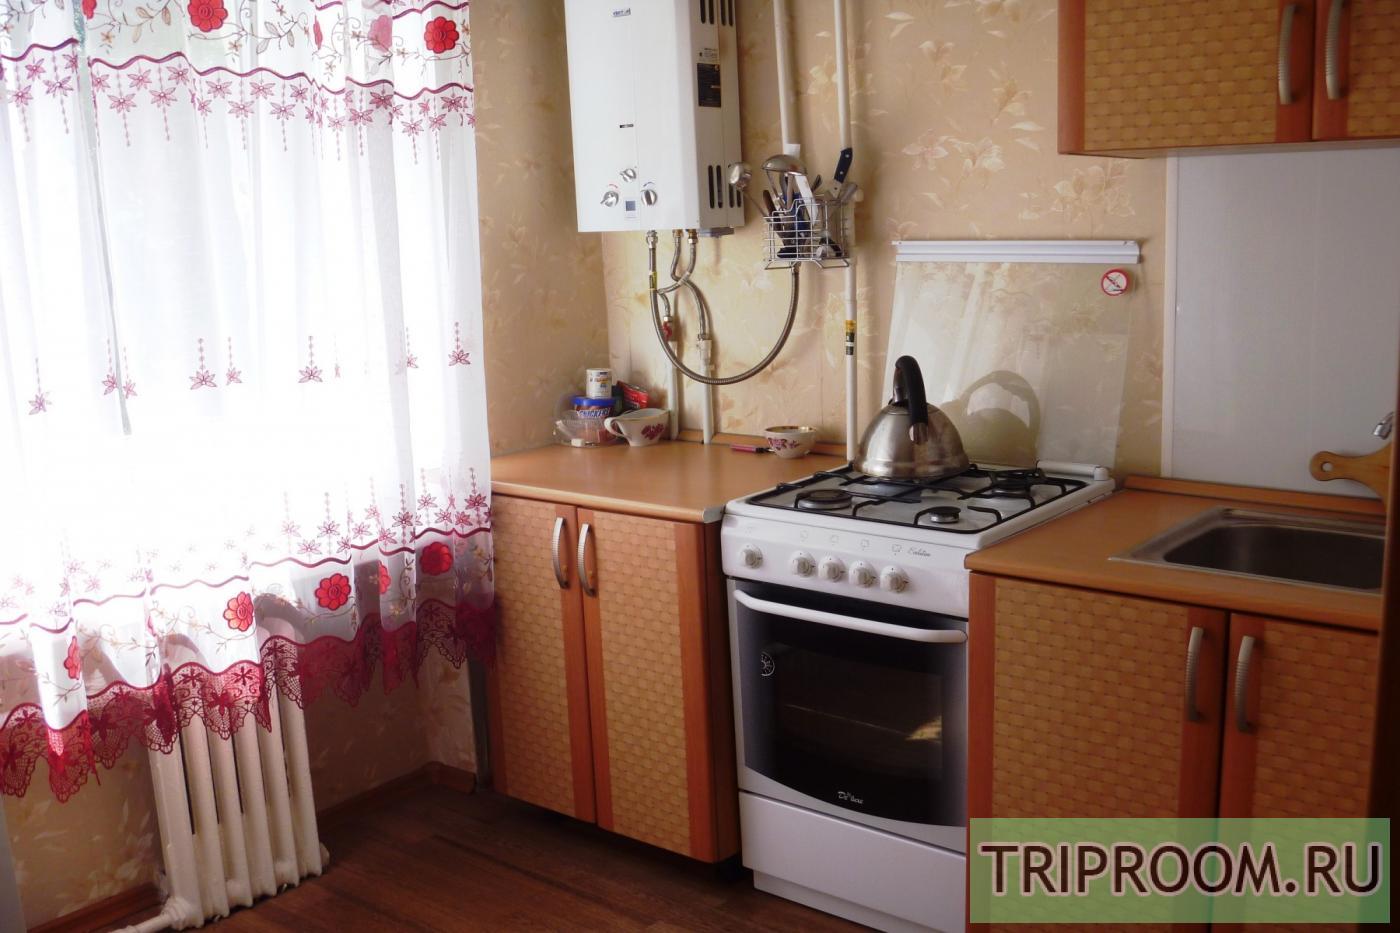 2-комнатная квартира посуточно (вариант № 33544), ул. Плехановская улица, фото № 3